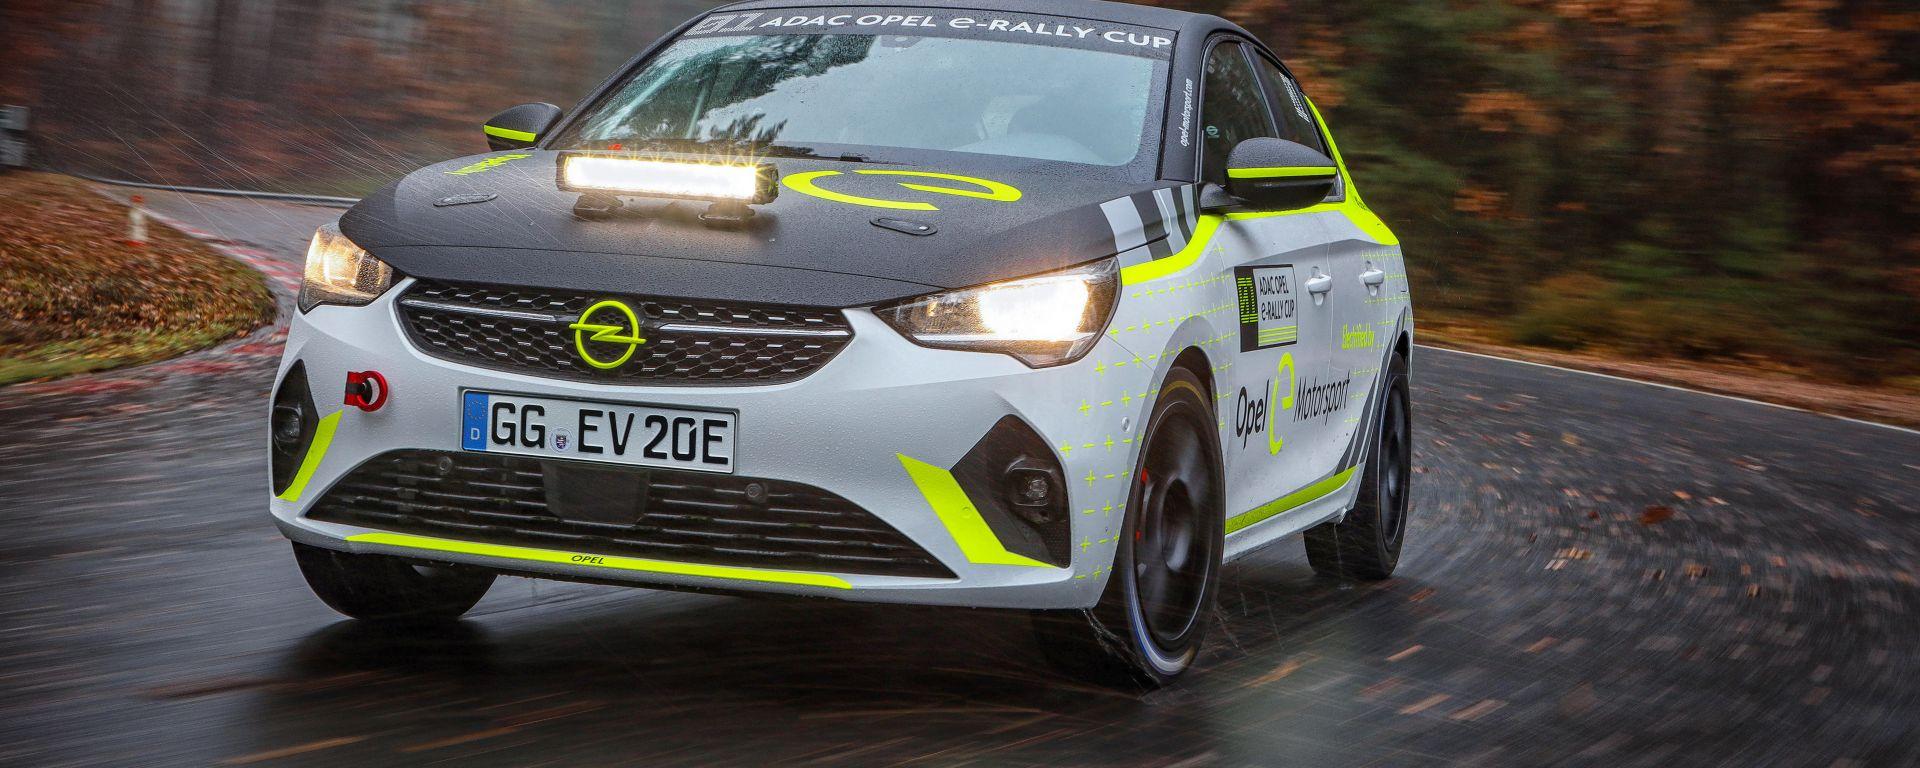 Opel Corsa-e Rally, 15 modelli saranno consegnati ai clienti entro luglio 2020